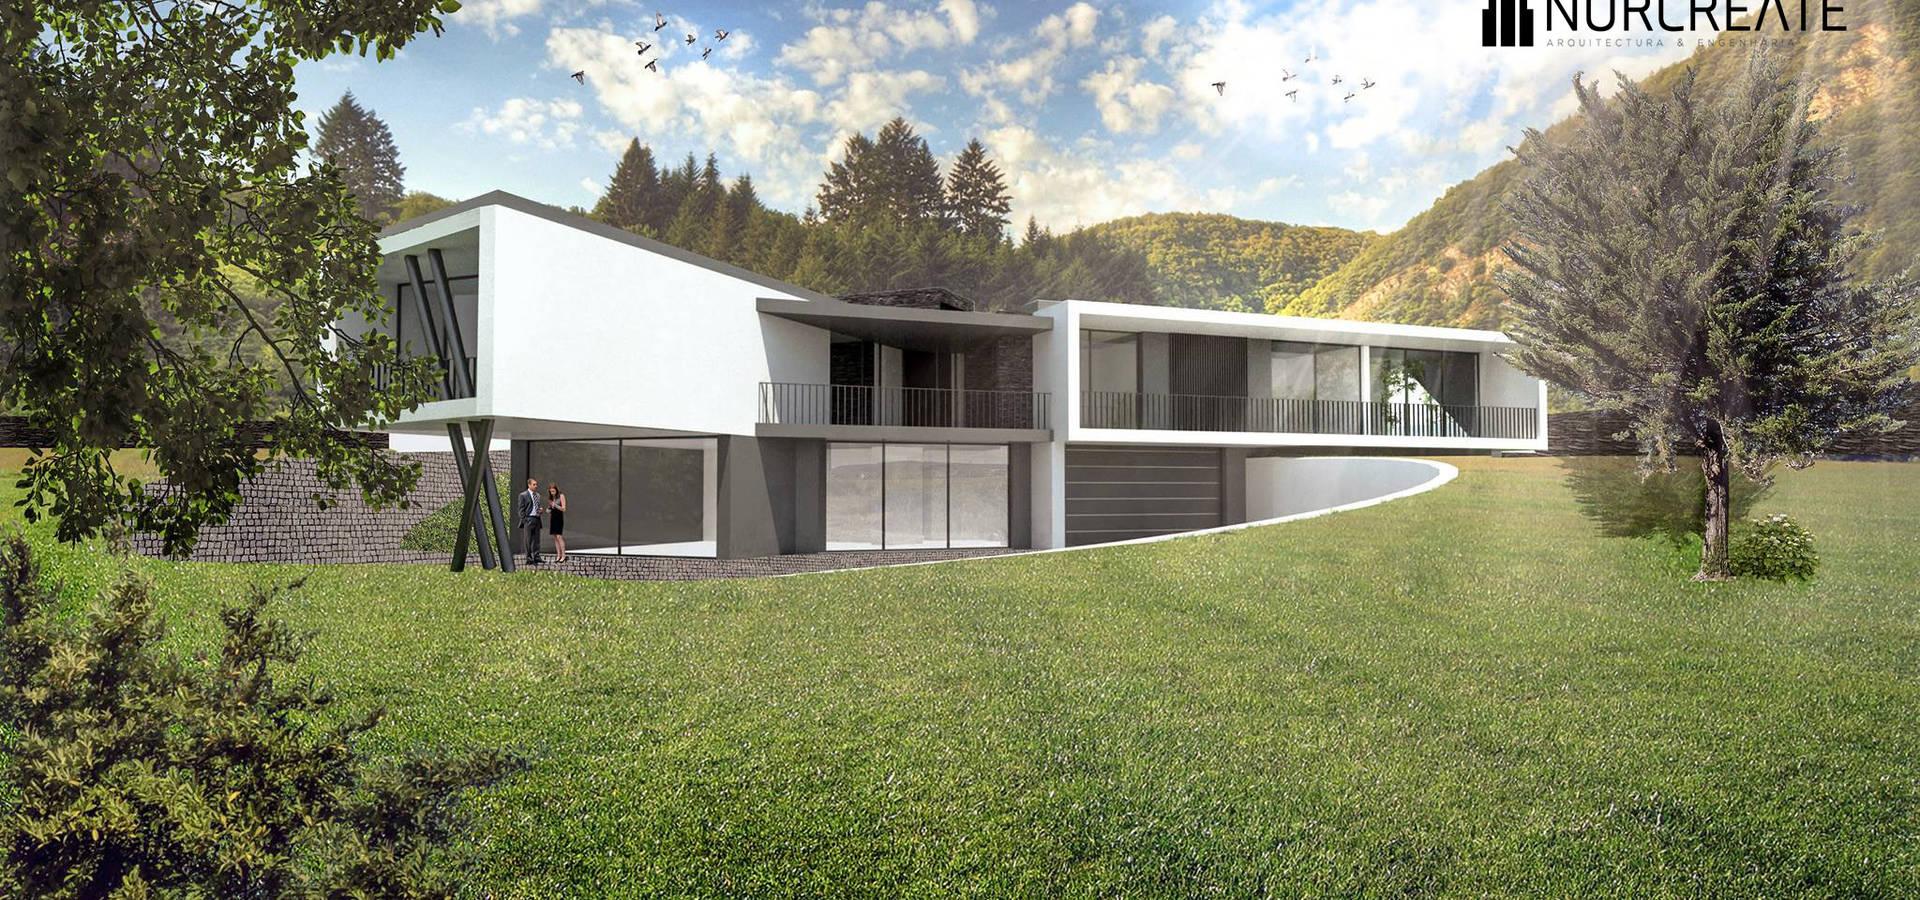 NORCREATE – Arquitectura & Engenharia